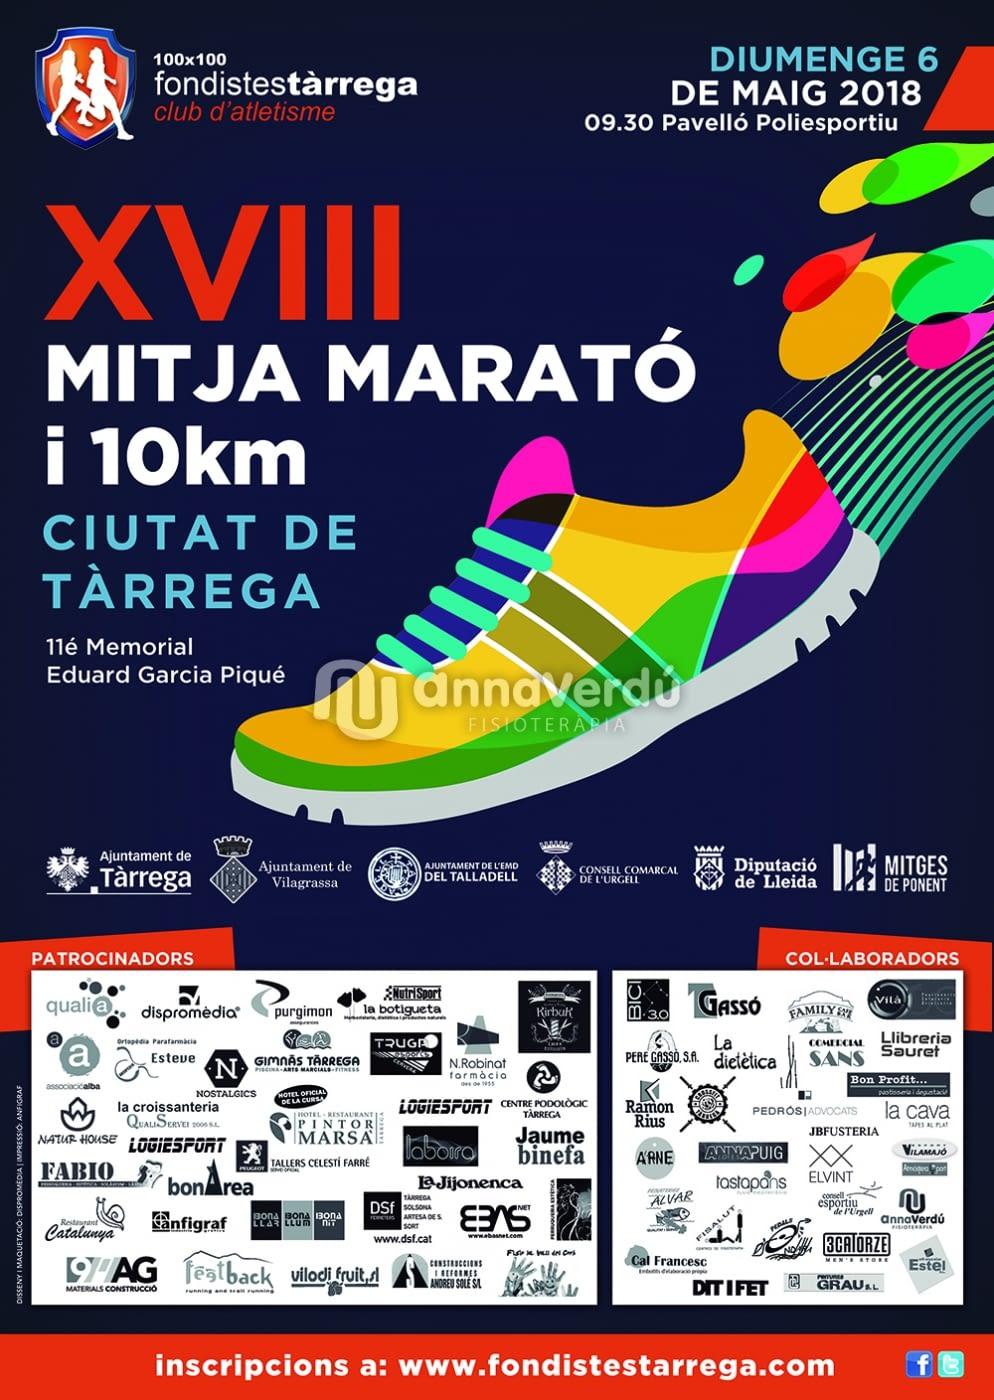 XVIII Mitja marató i 10 Kms - TÀRREGA